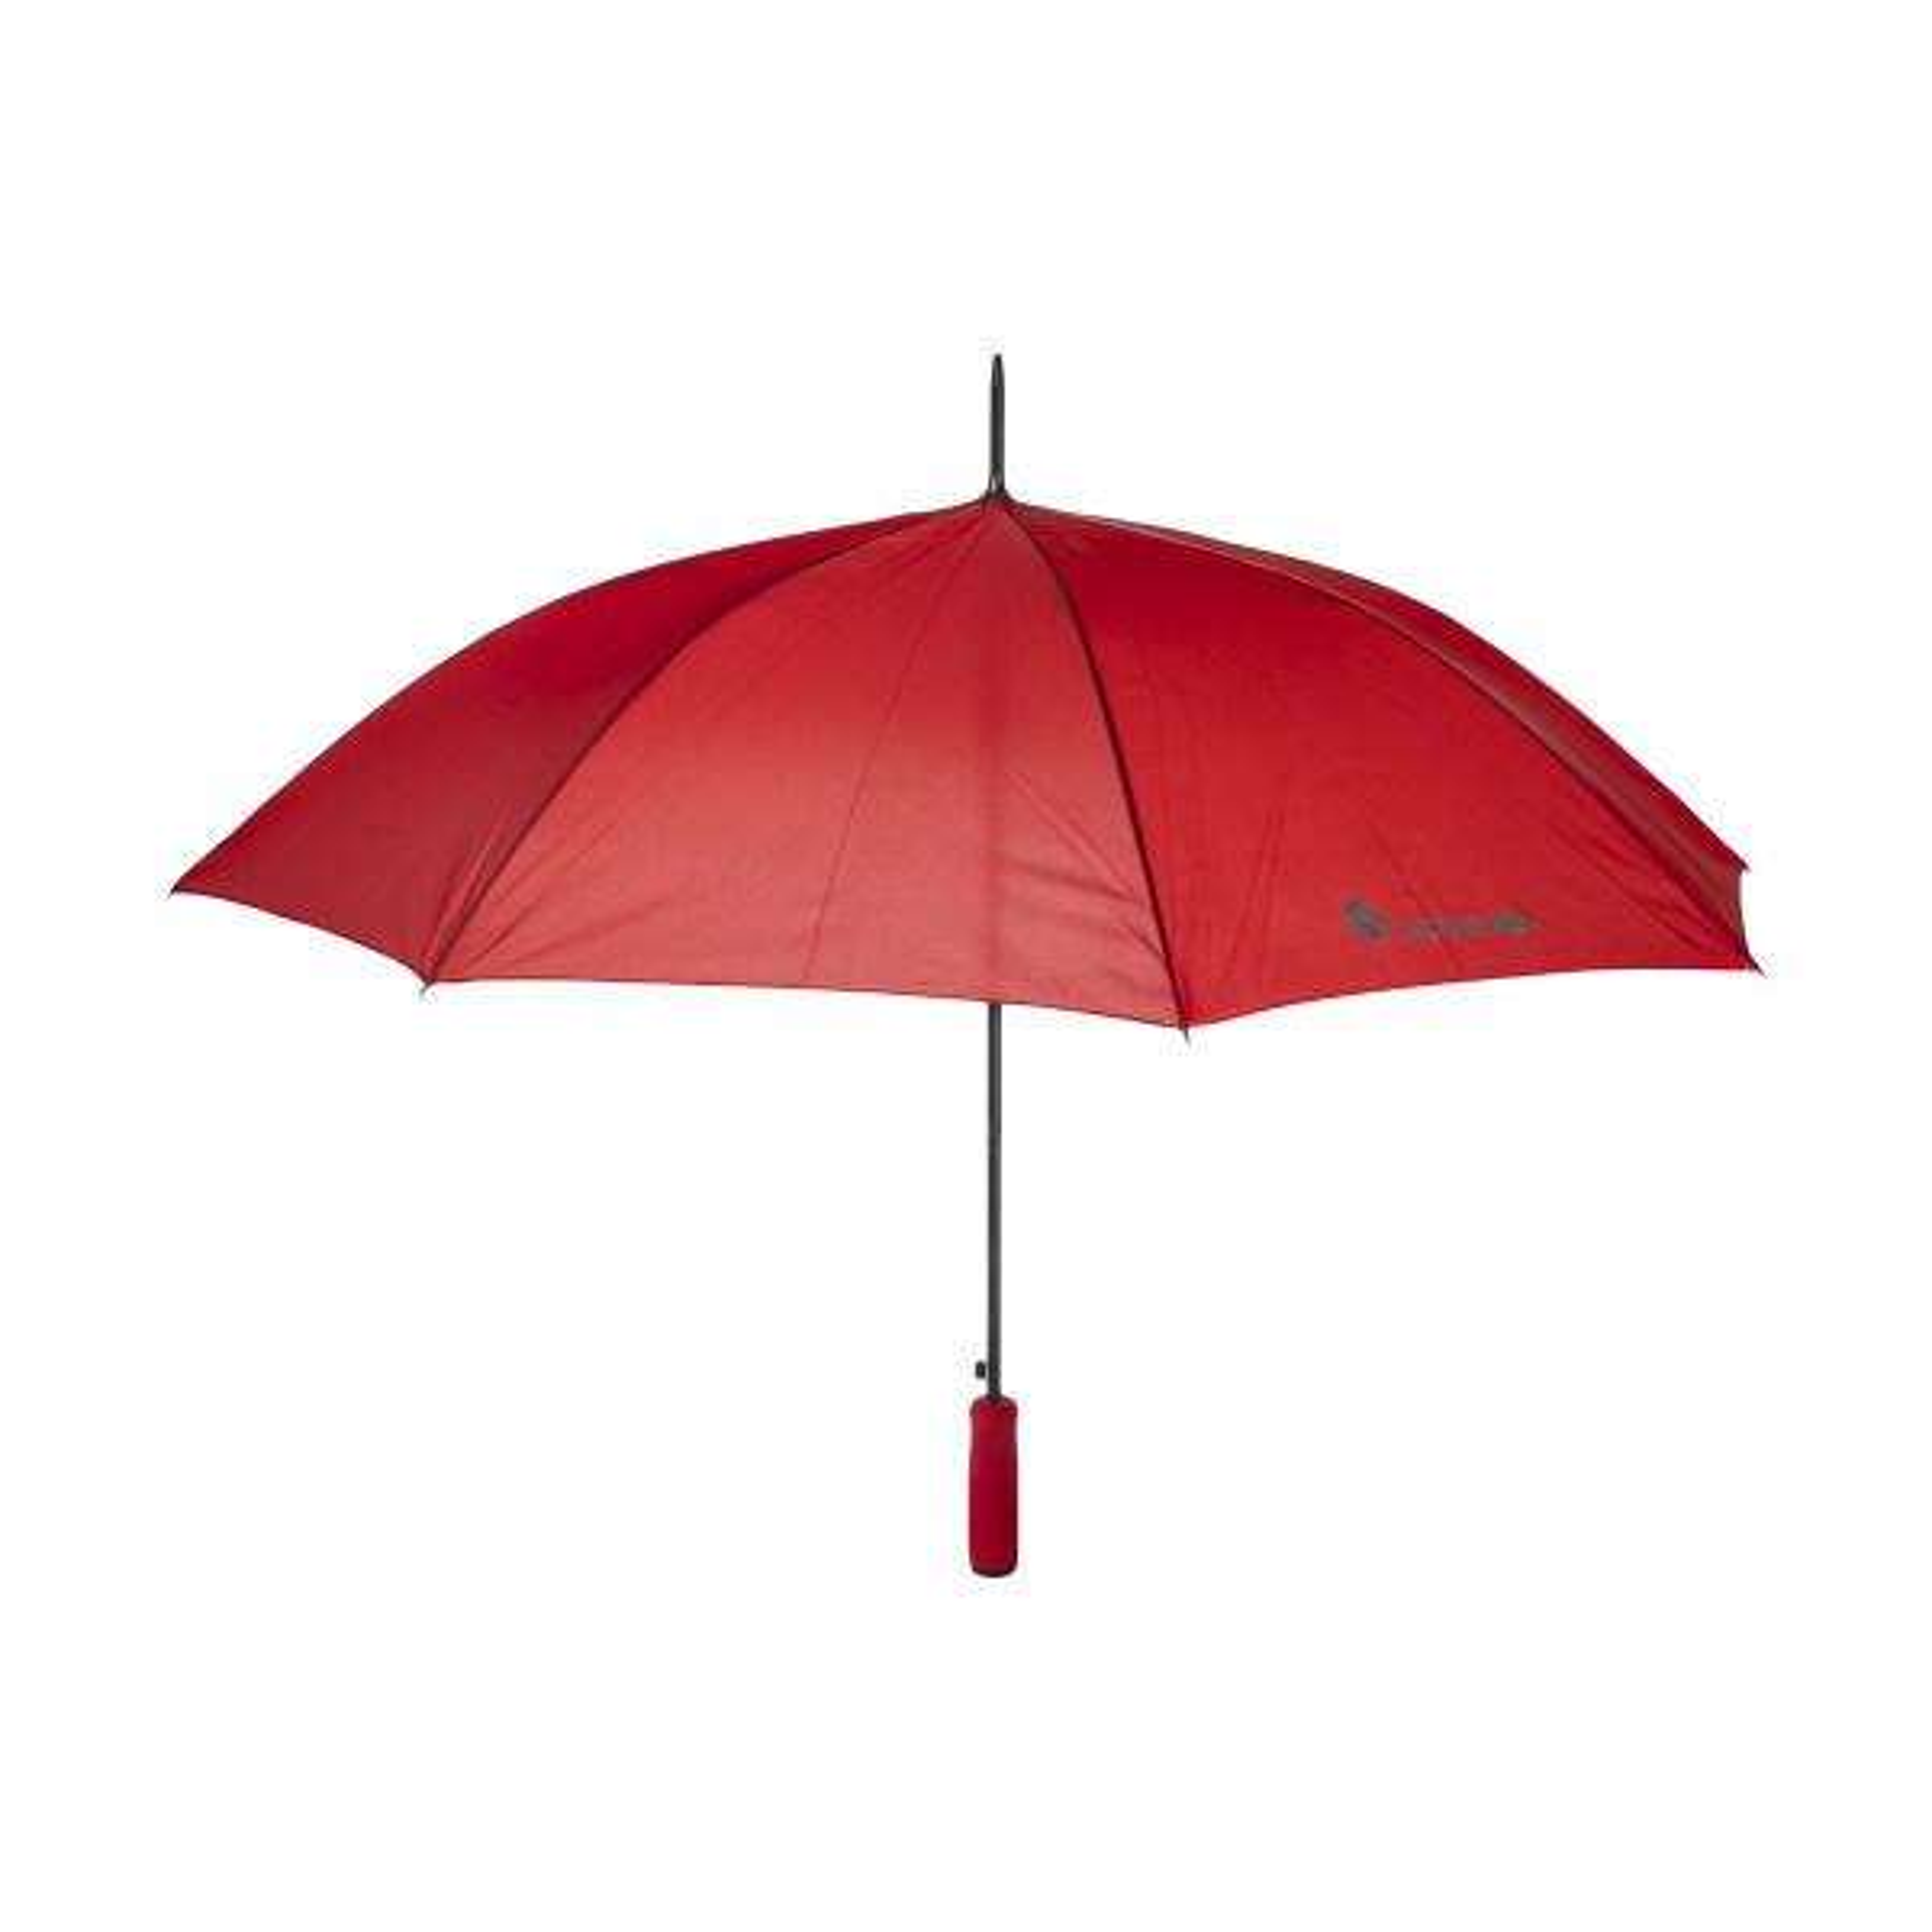 چتر شوان مدل کوروش